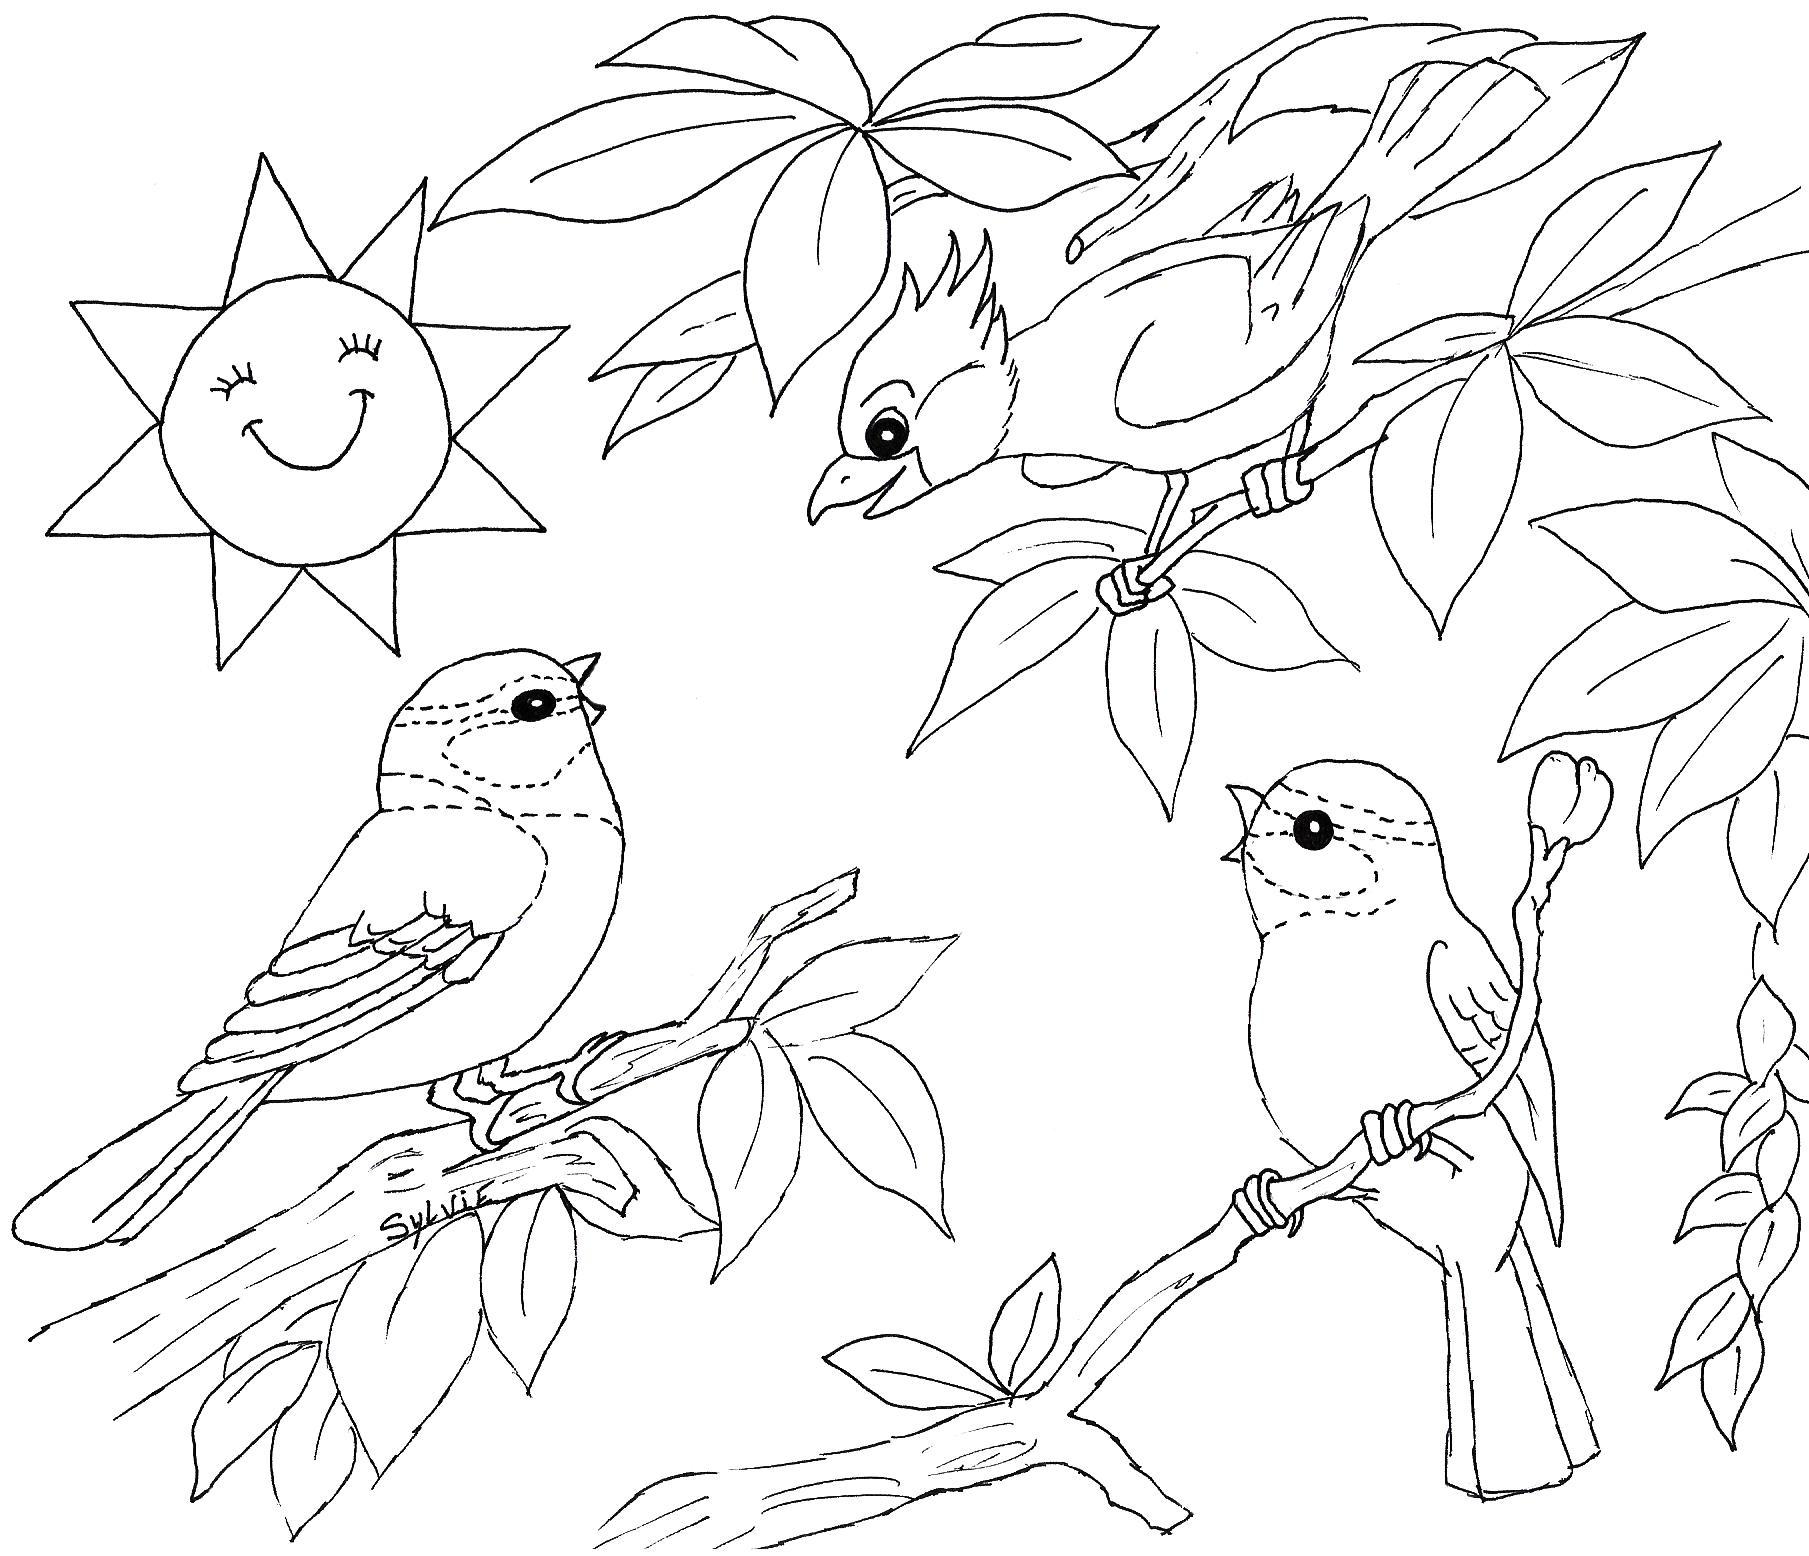 Coloriage Oiseaux - Les Beaux Dessins De Nature À Imprimer avec Coloriage A4 Imprimer Gratuit